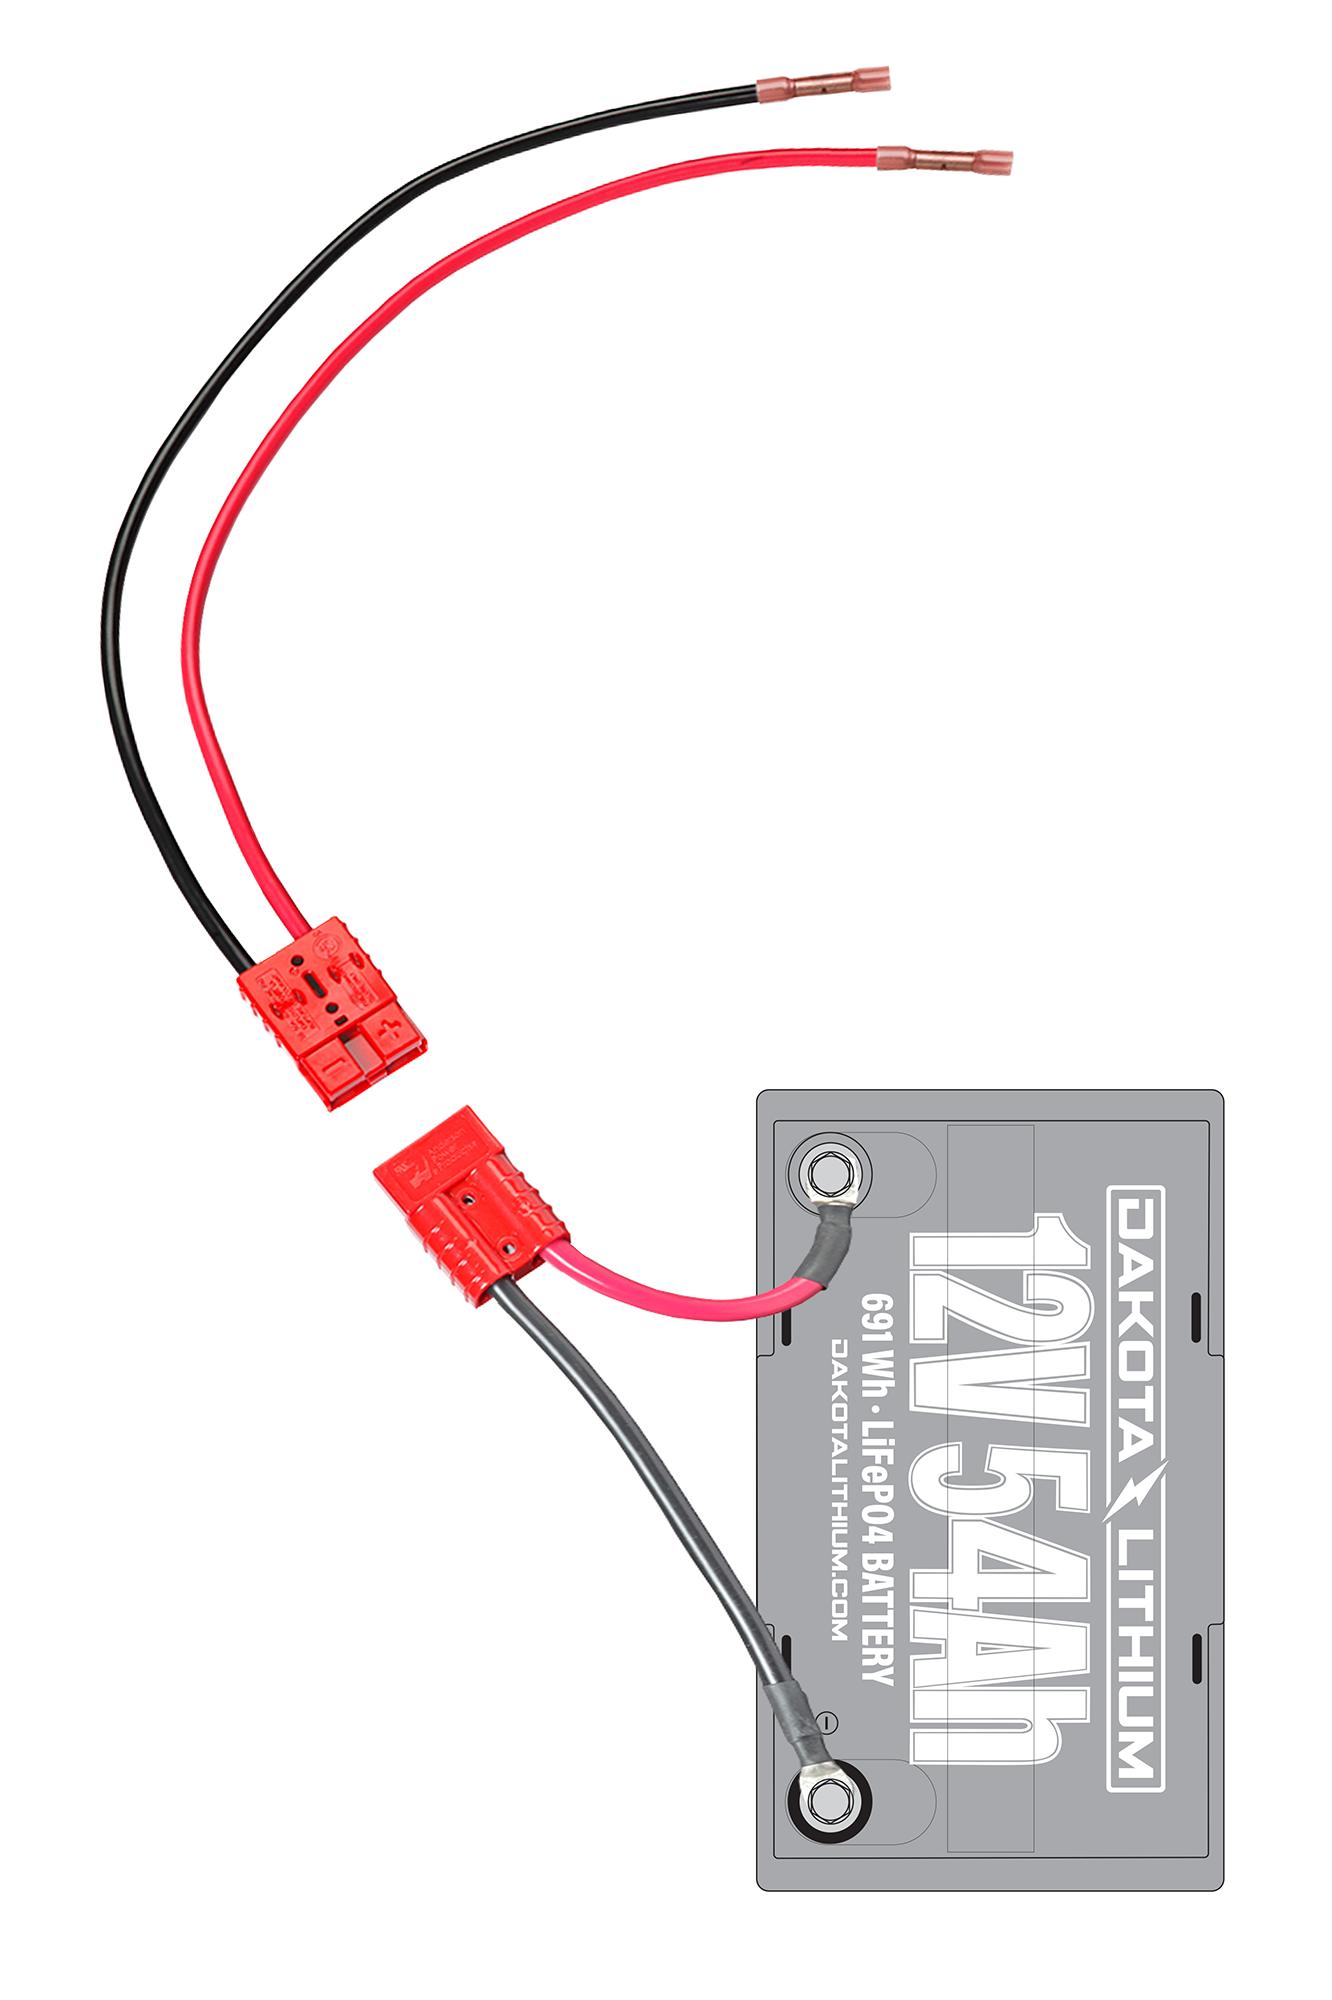 12 Volt Trolling Motor Connection Kit